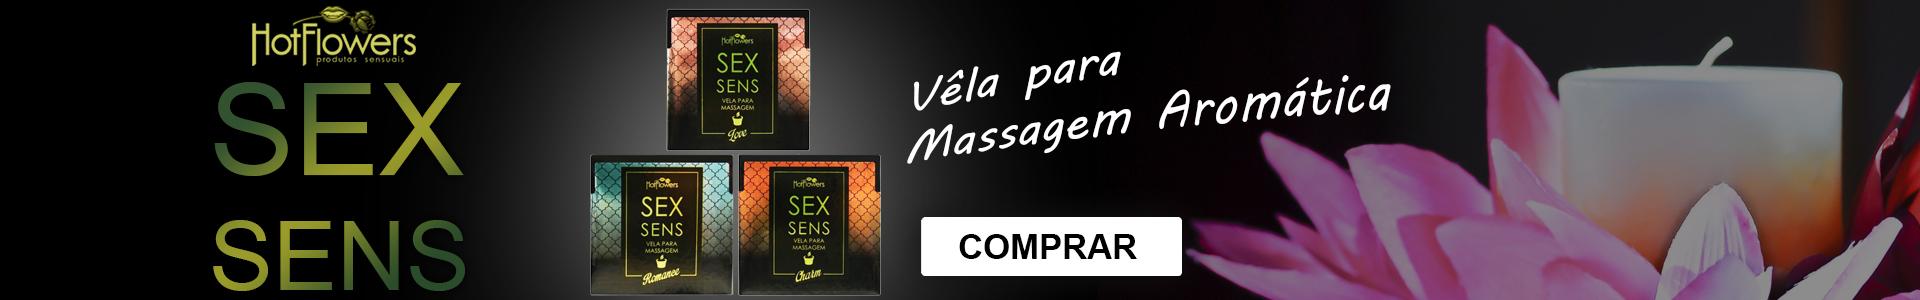 Sex sens massagem aromatica